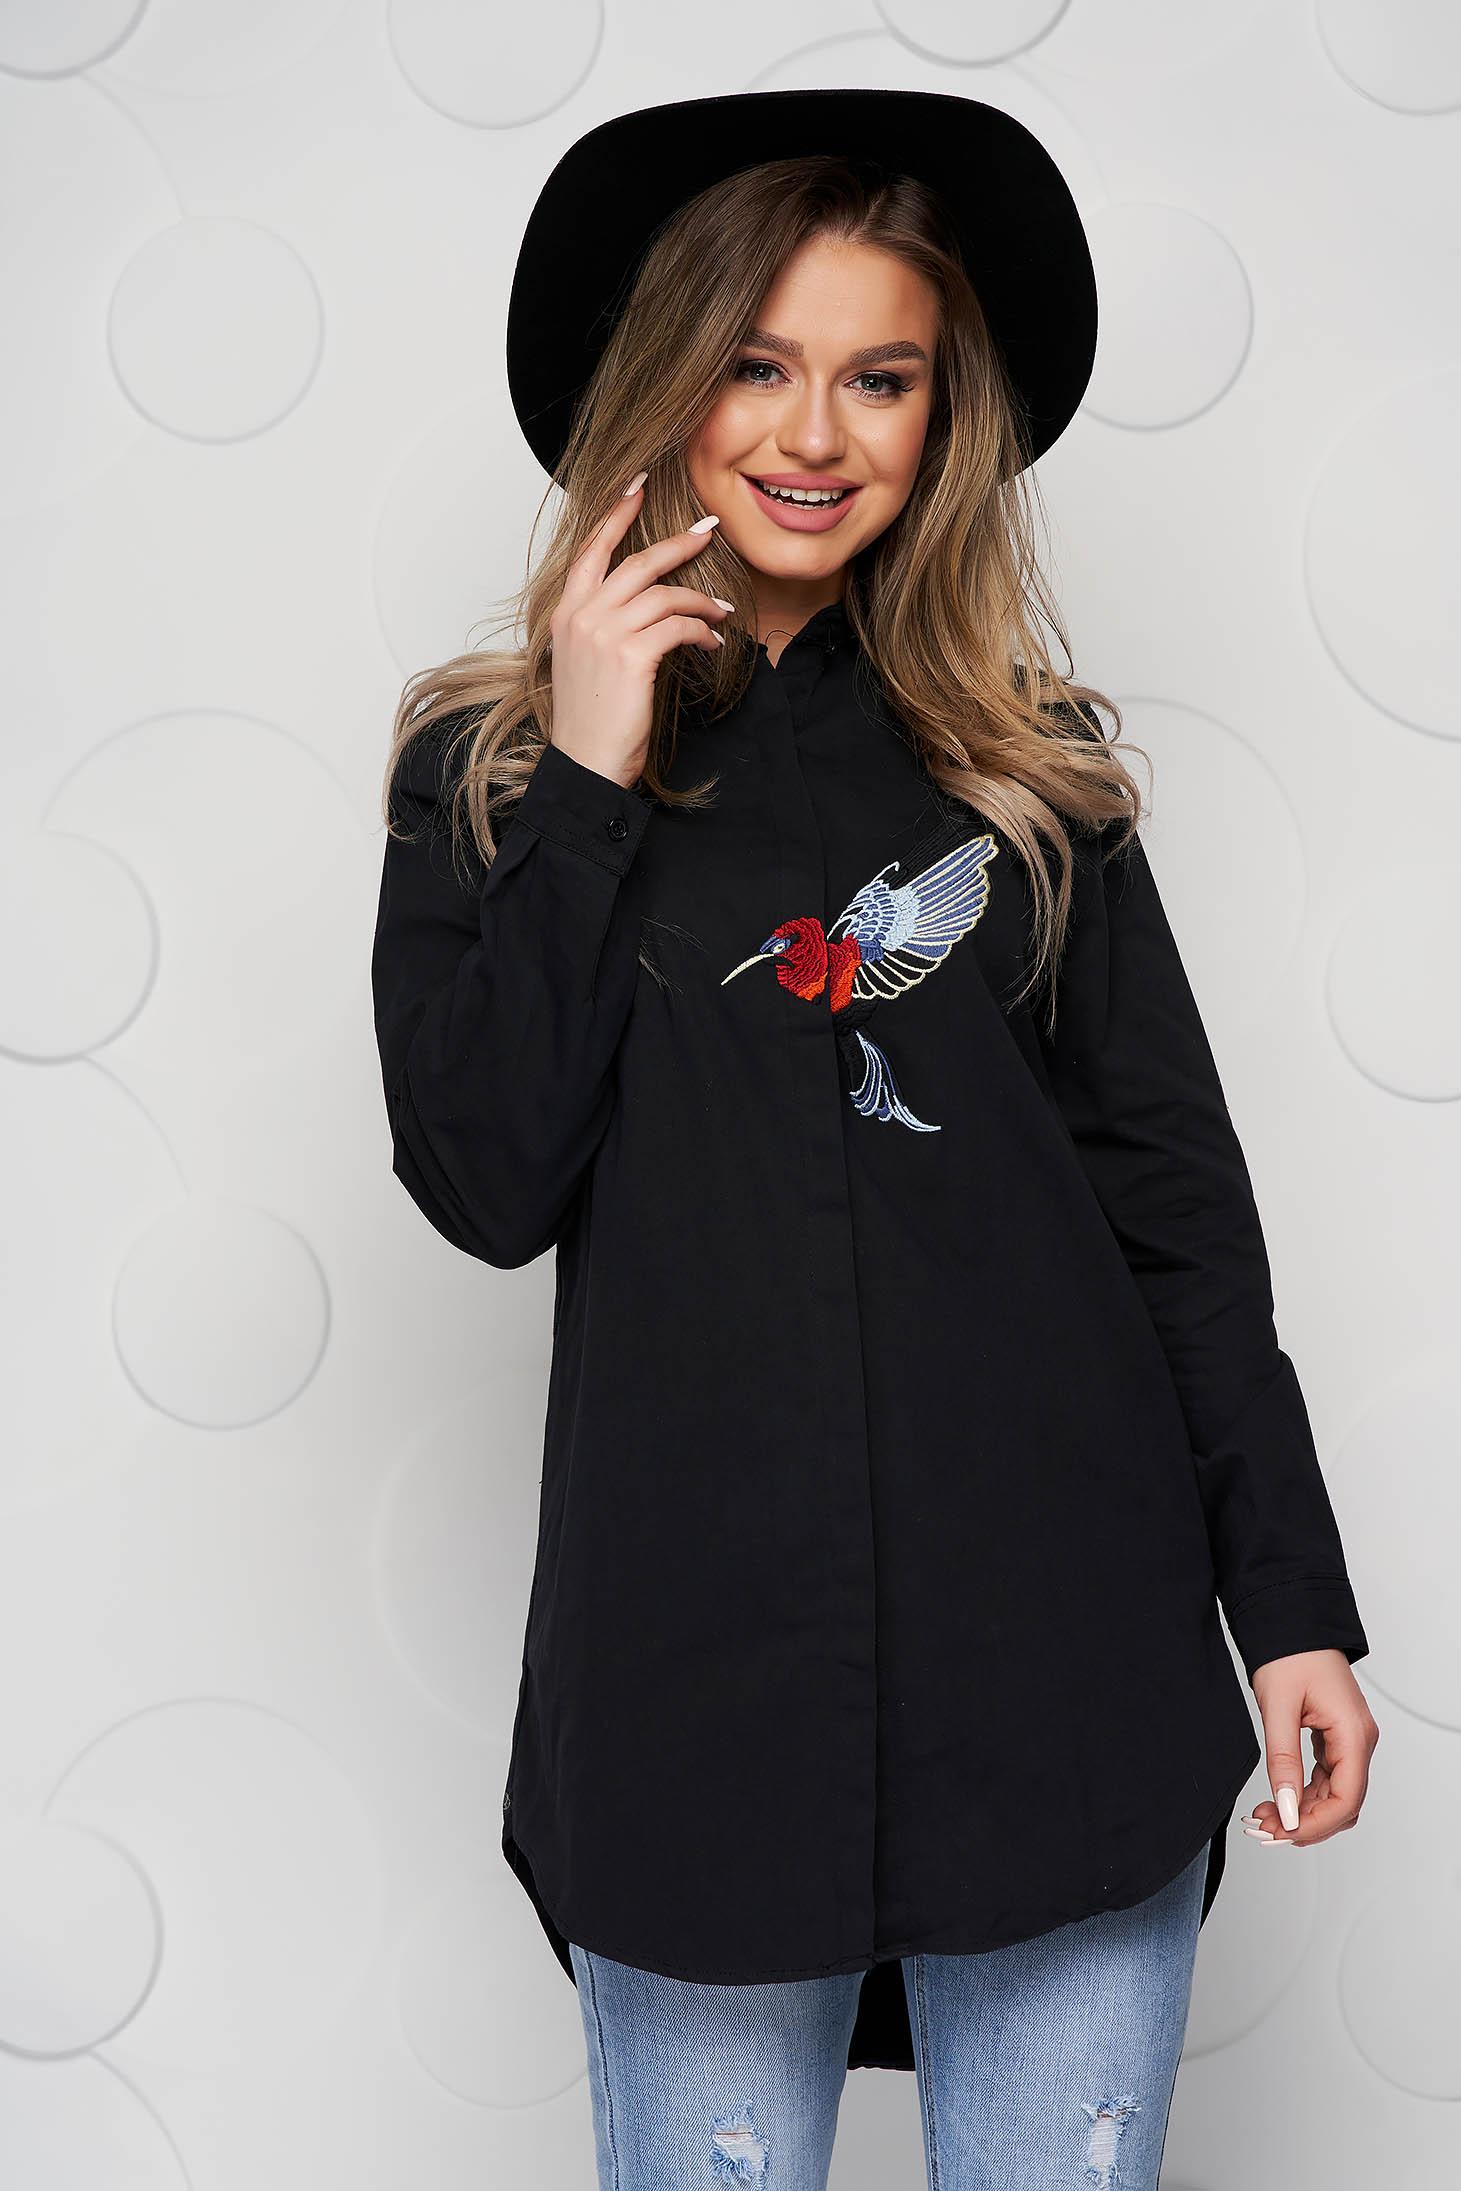 Bő szabású fekete női ing hímzett betétekkel vékony szövetből